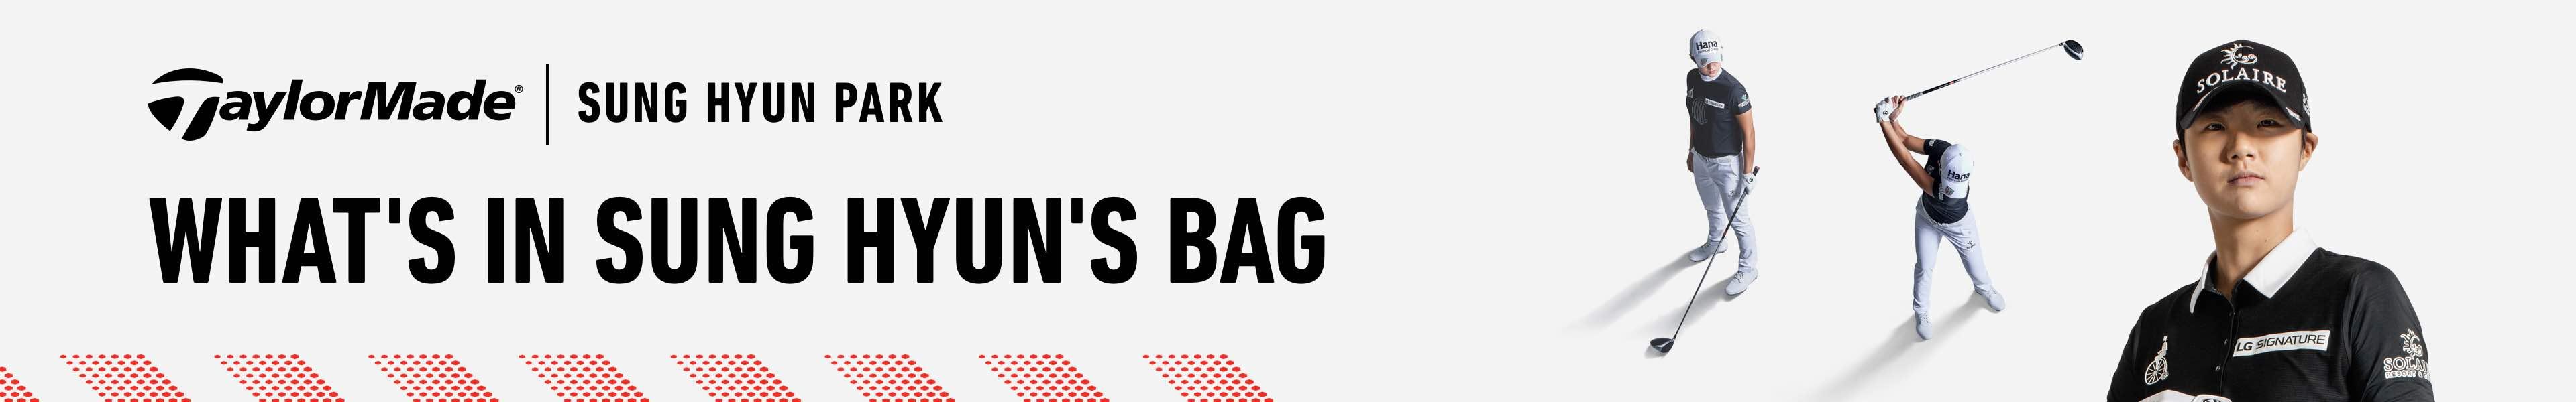 SH Park's Bag